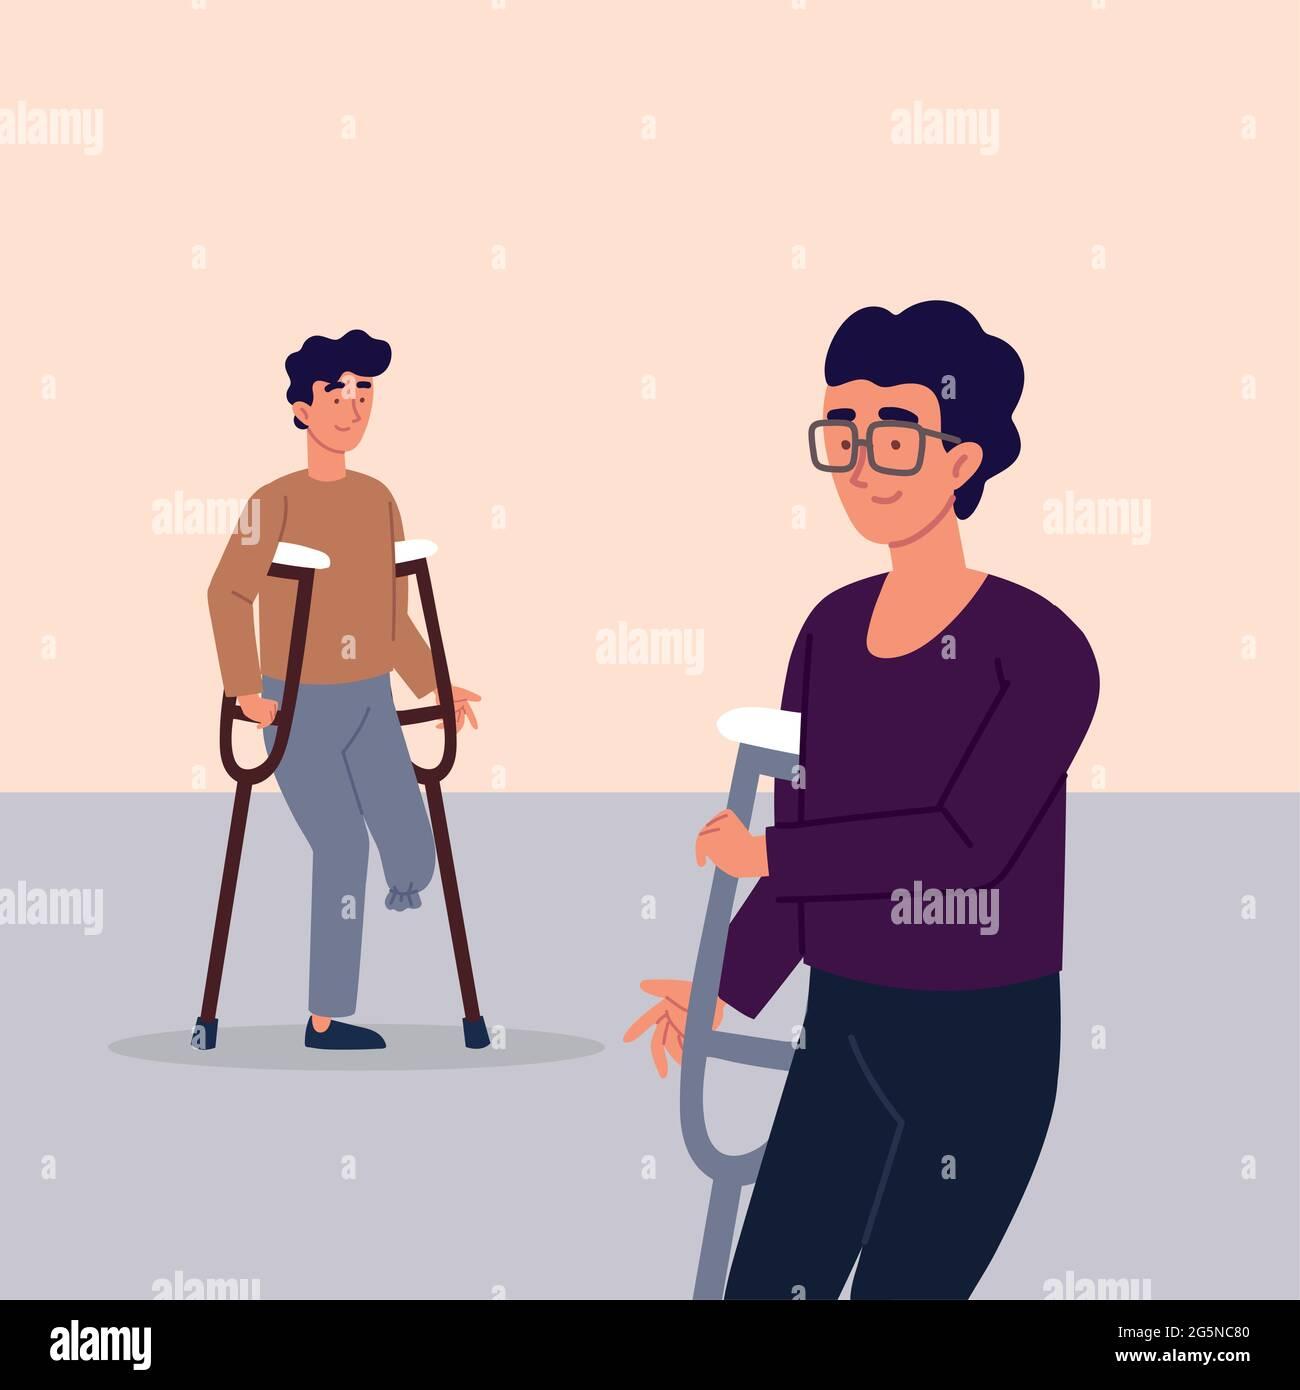 Crutches Amputee Stockfotos und -bilder Kaufen - Alamy